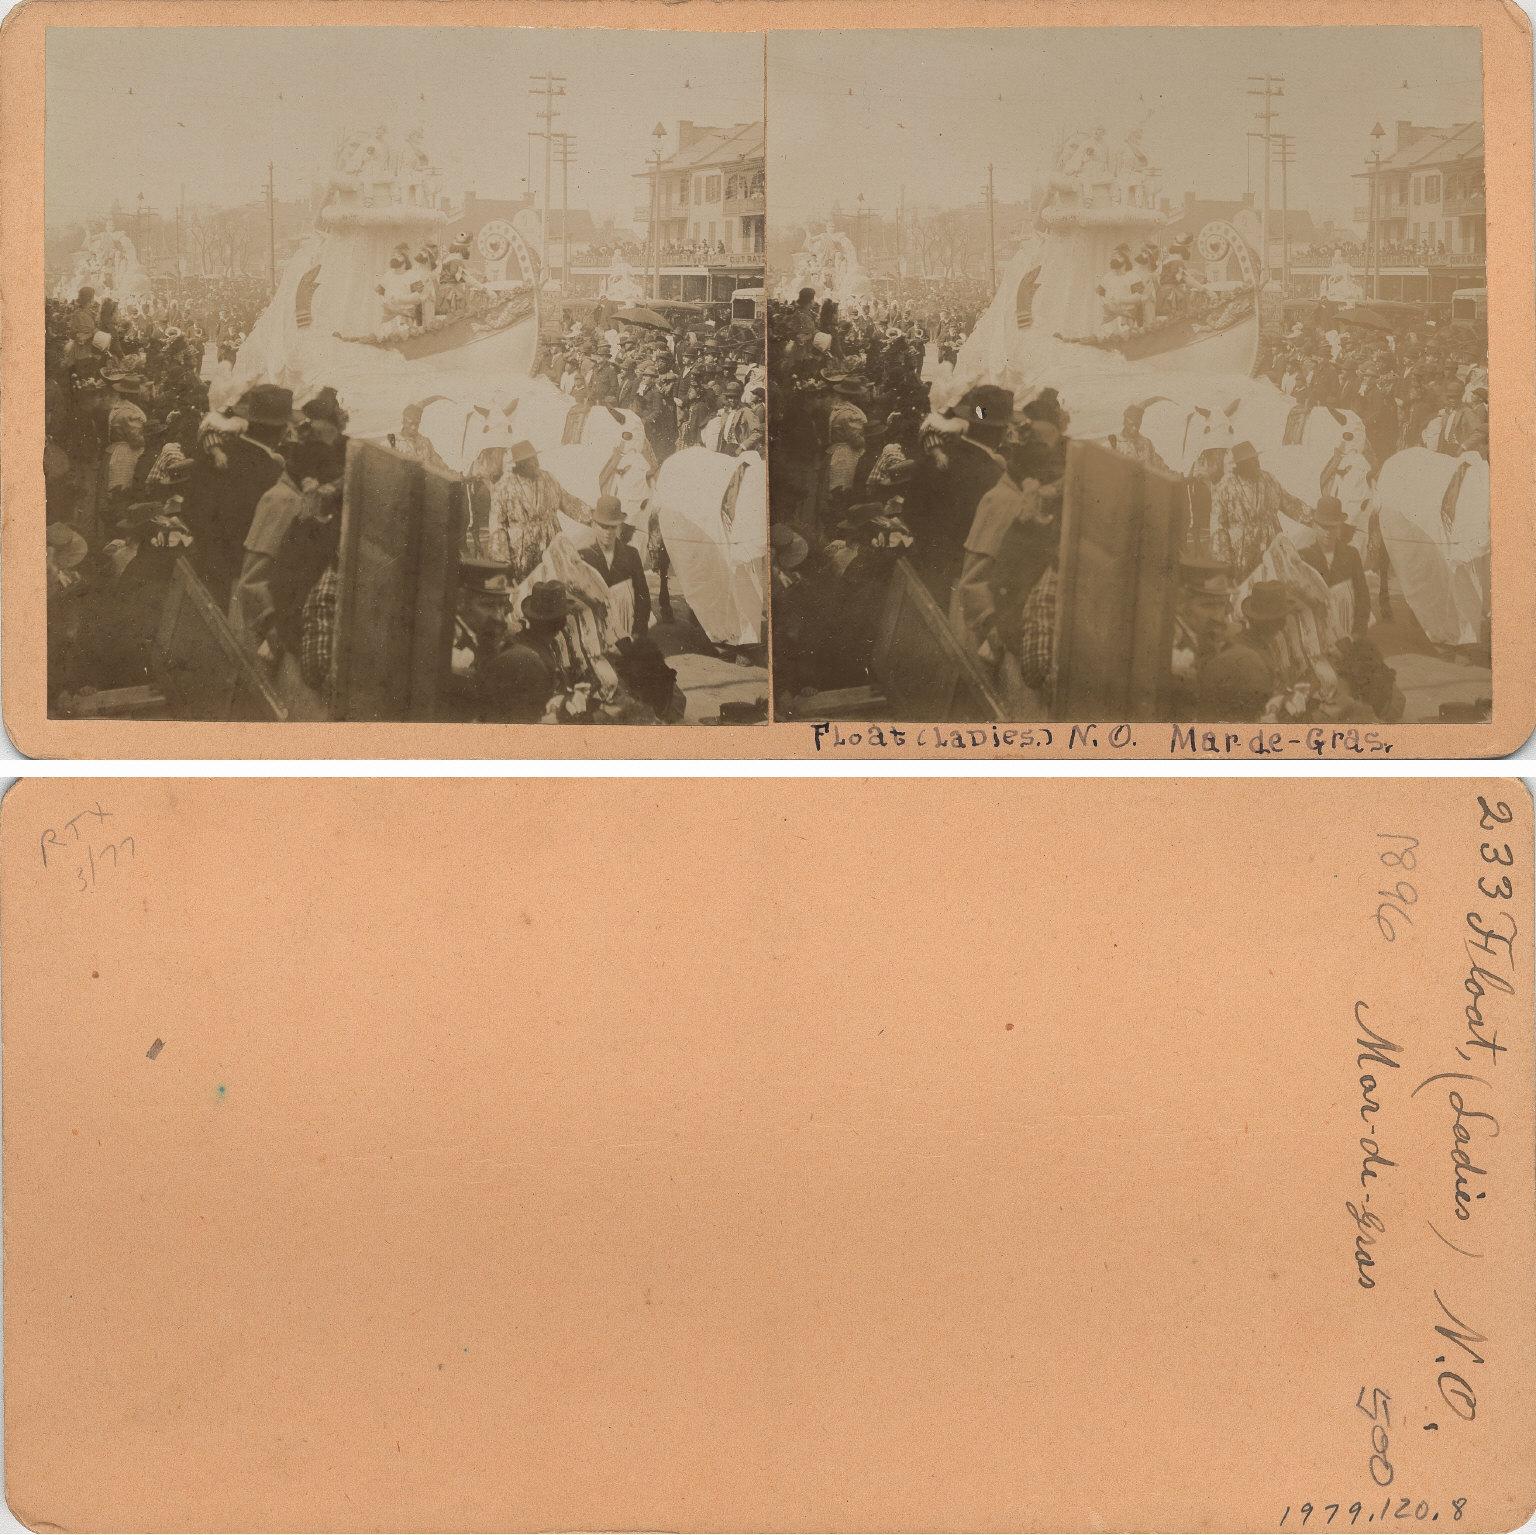 Mardi Gras parade February 1896